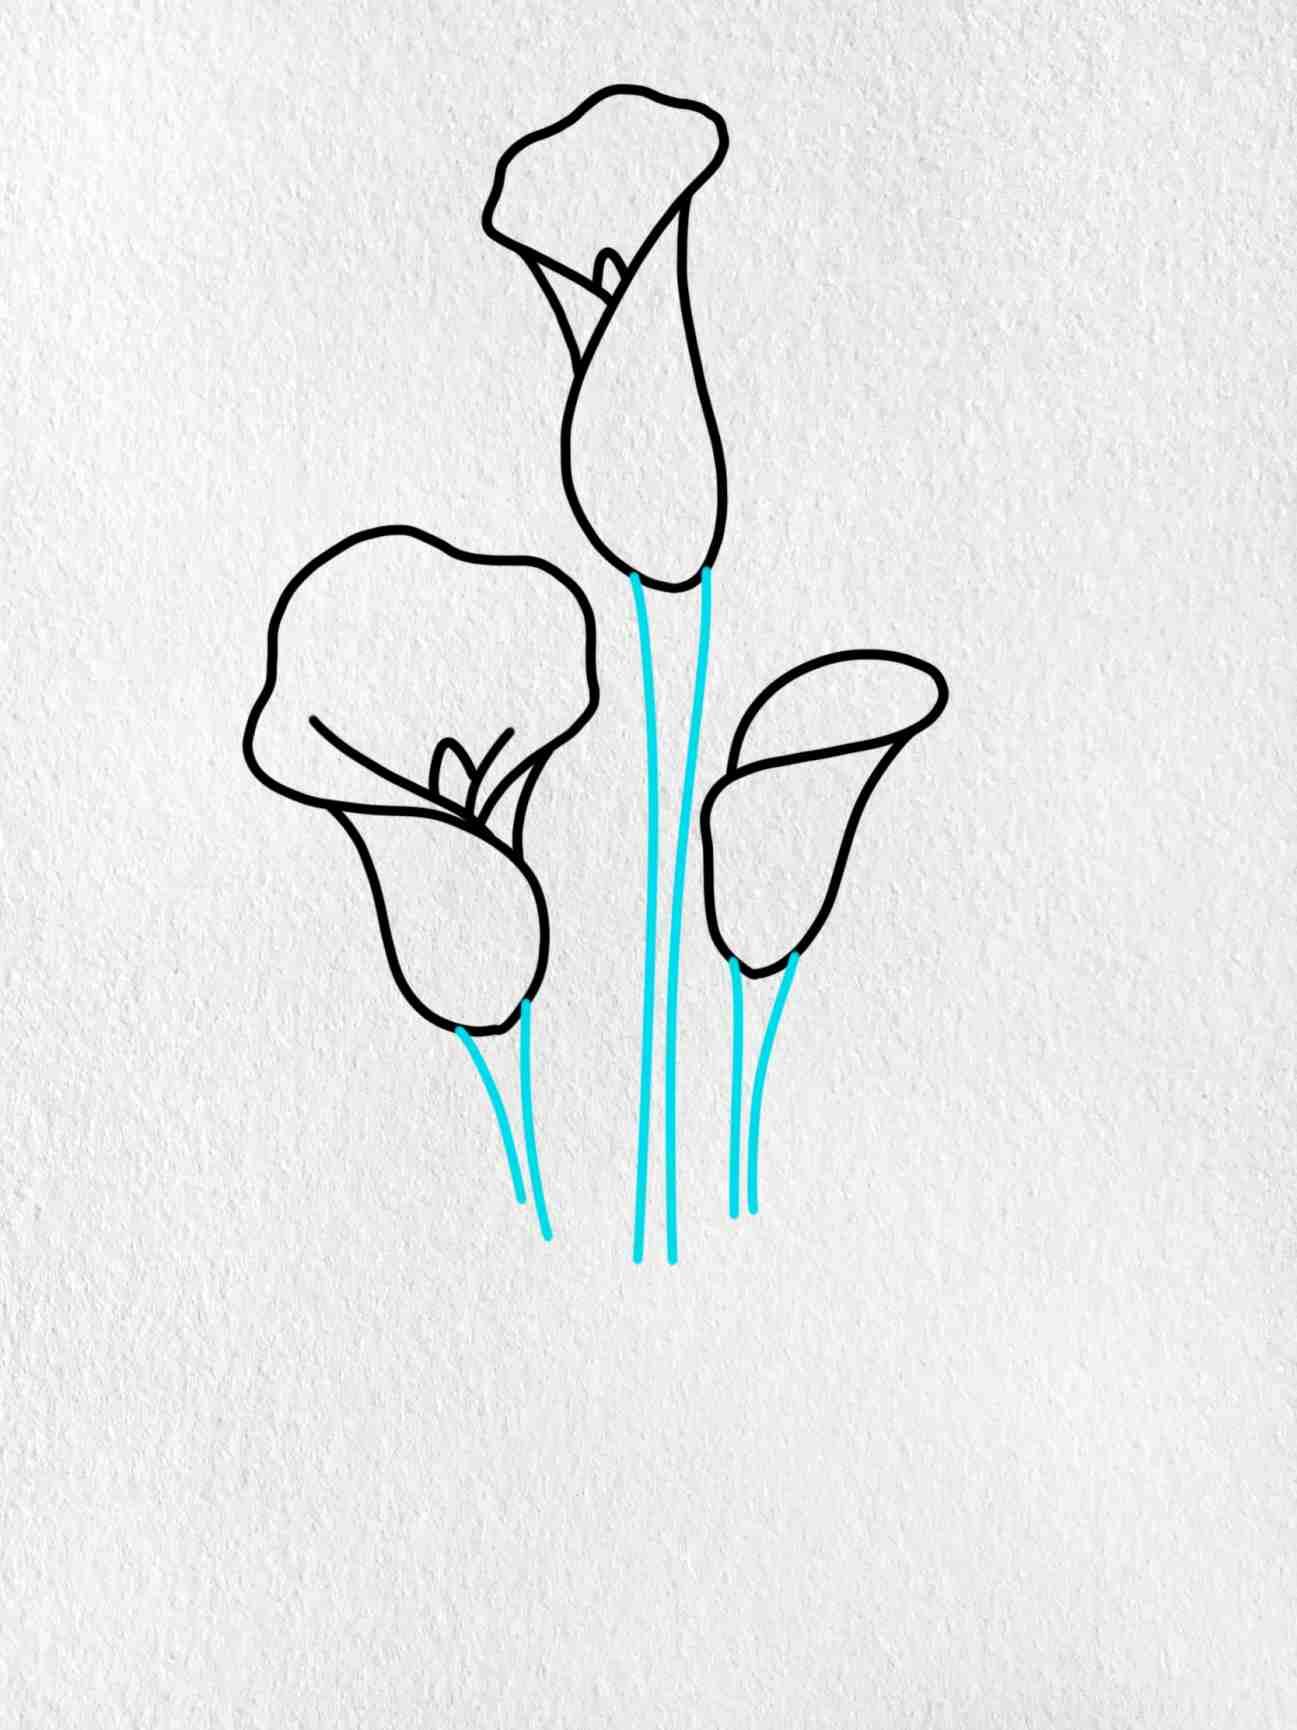 Calla Lily Drawing: Step 7